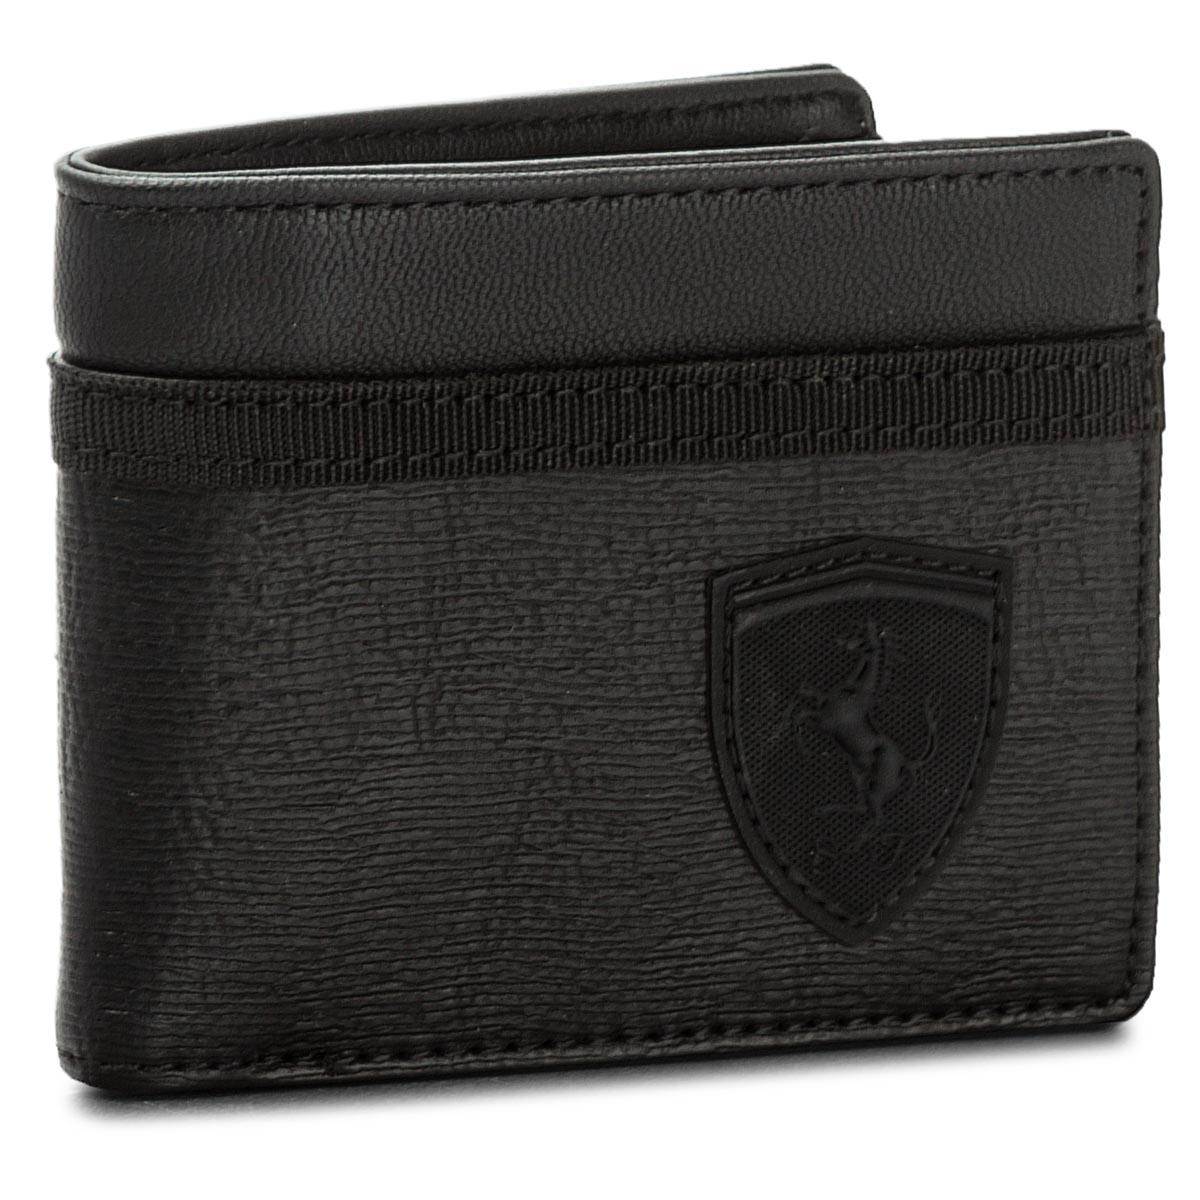 Nagy férfi pénztárca TOMMY HILFIGER - Johnson Mini Cc Wallet ... 73a8d8c255